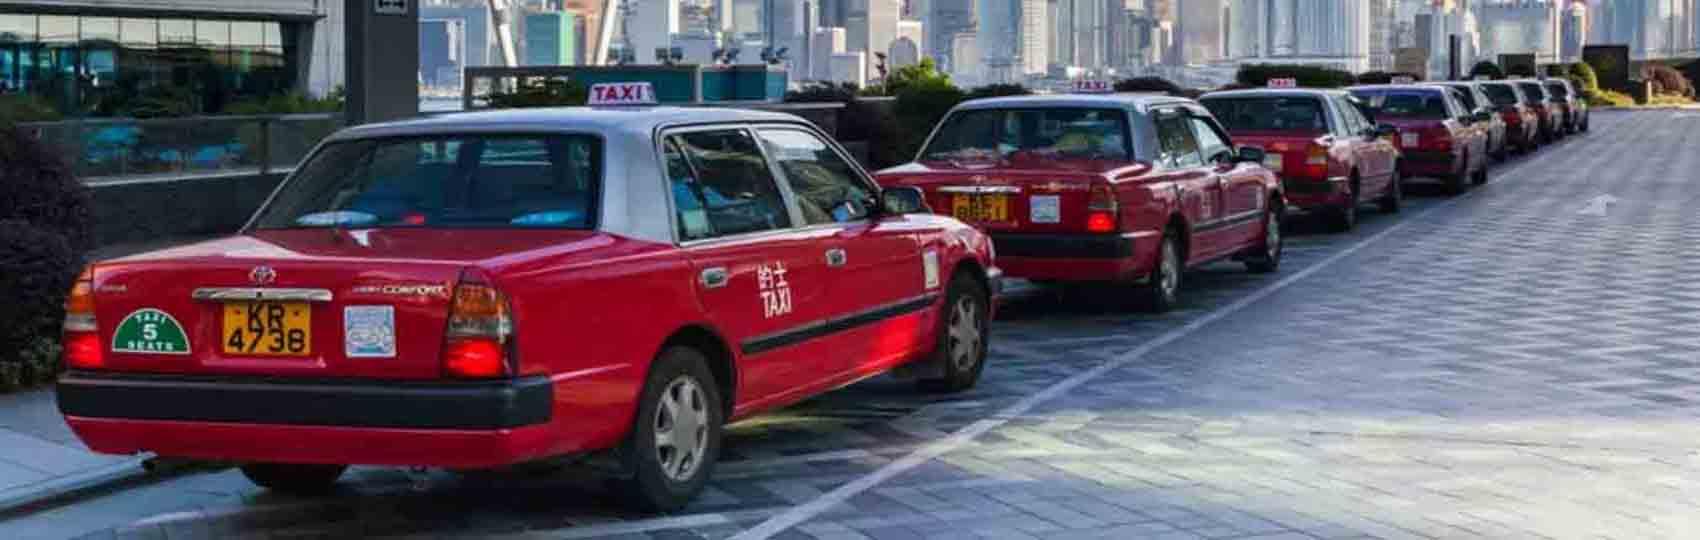 Noticias del sector del taxi y la movilidad en China. Mantente informado de todas las noticias del taxi de China en el grupo de Facebook de Todo Taxi.